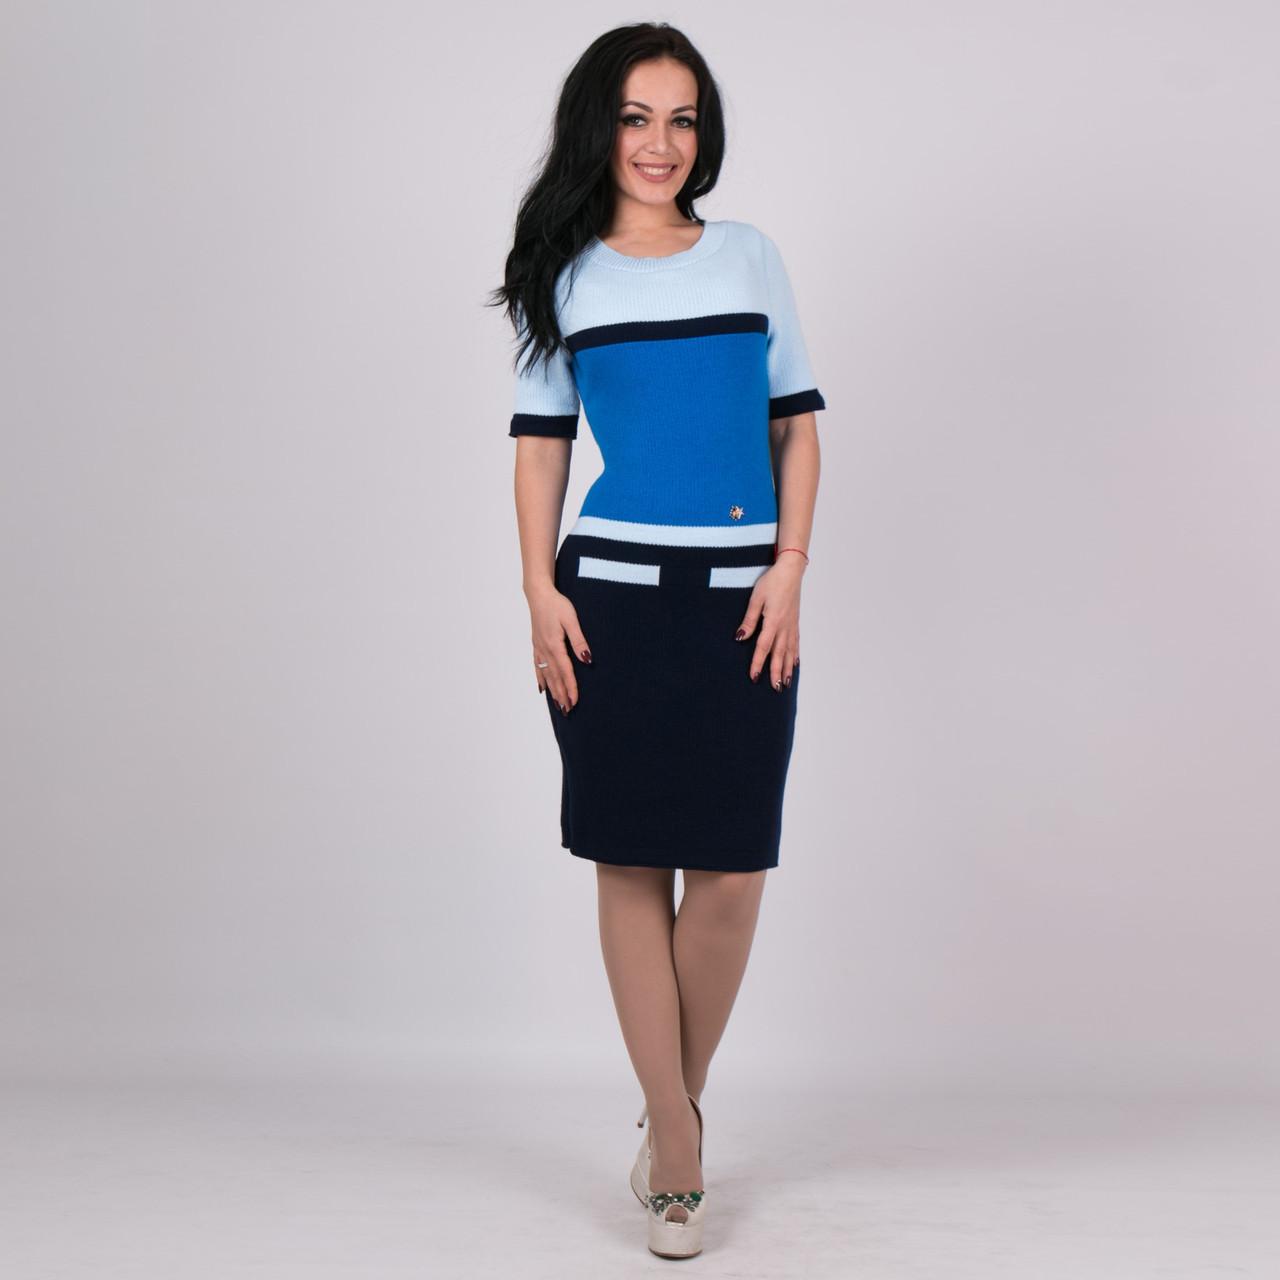 Трикотажное женское платье Карамелька синийс голубым